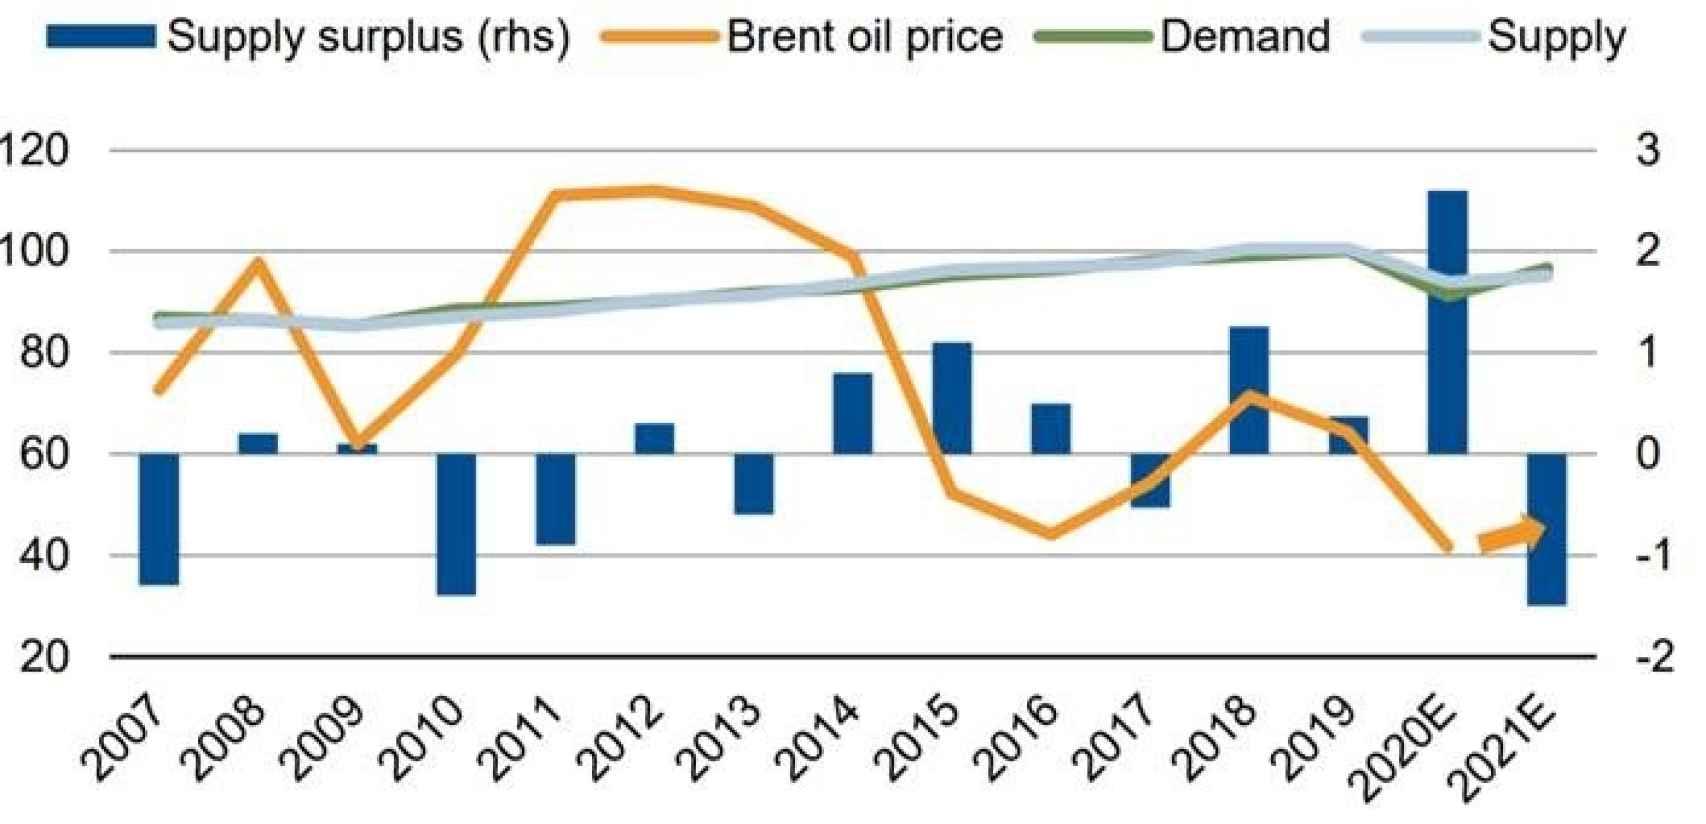 Fuentes- Agencia Internacional de la Energía, Bloomberg, Scope Ratings